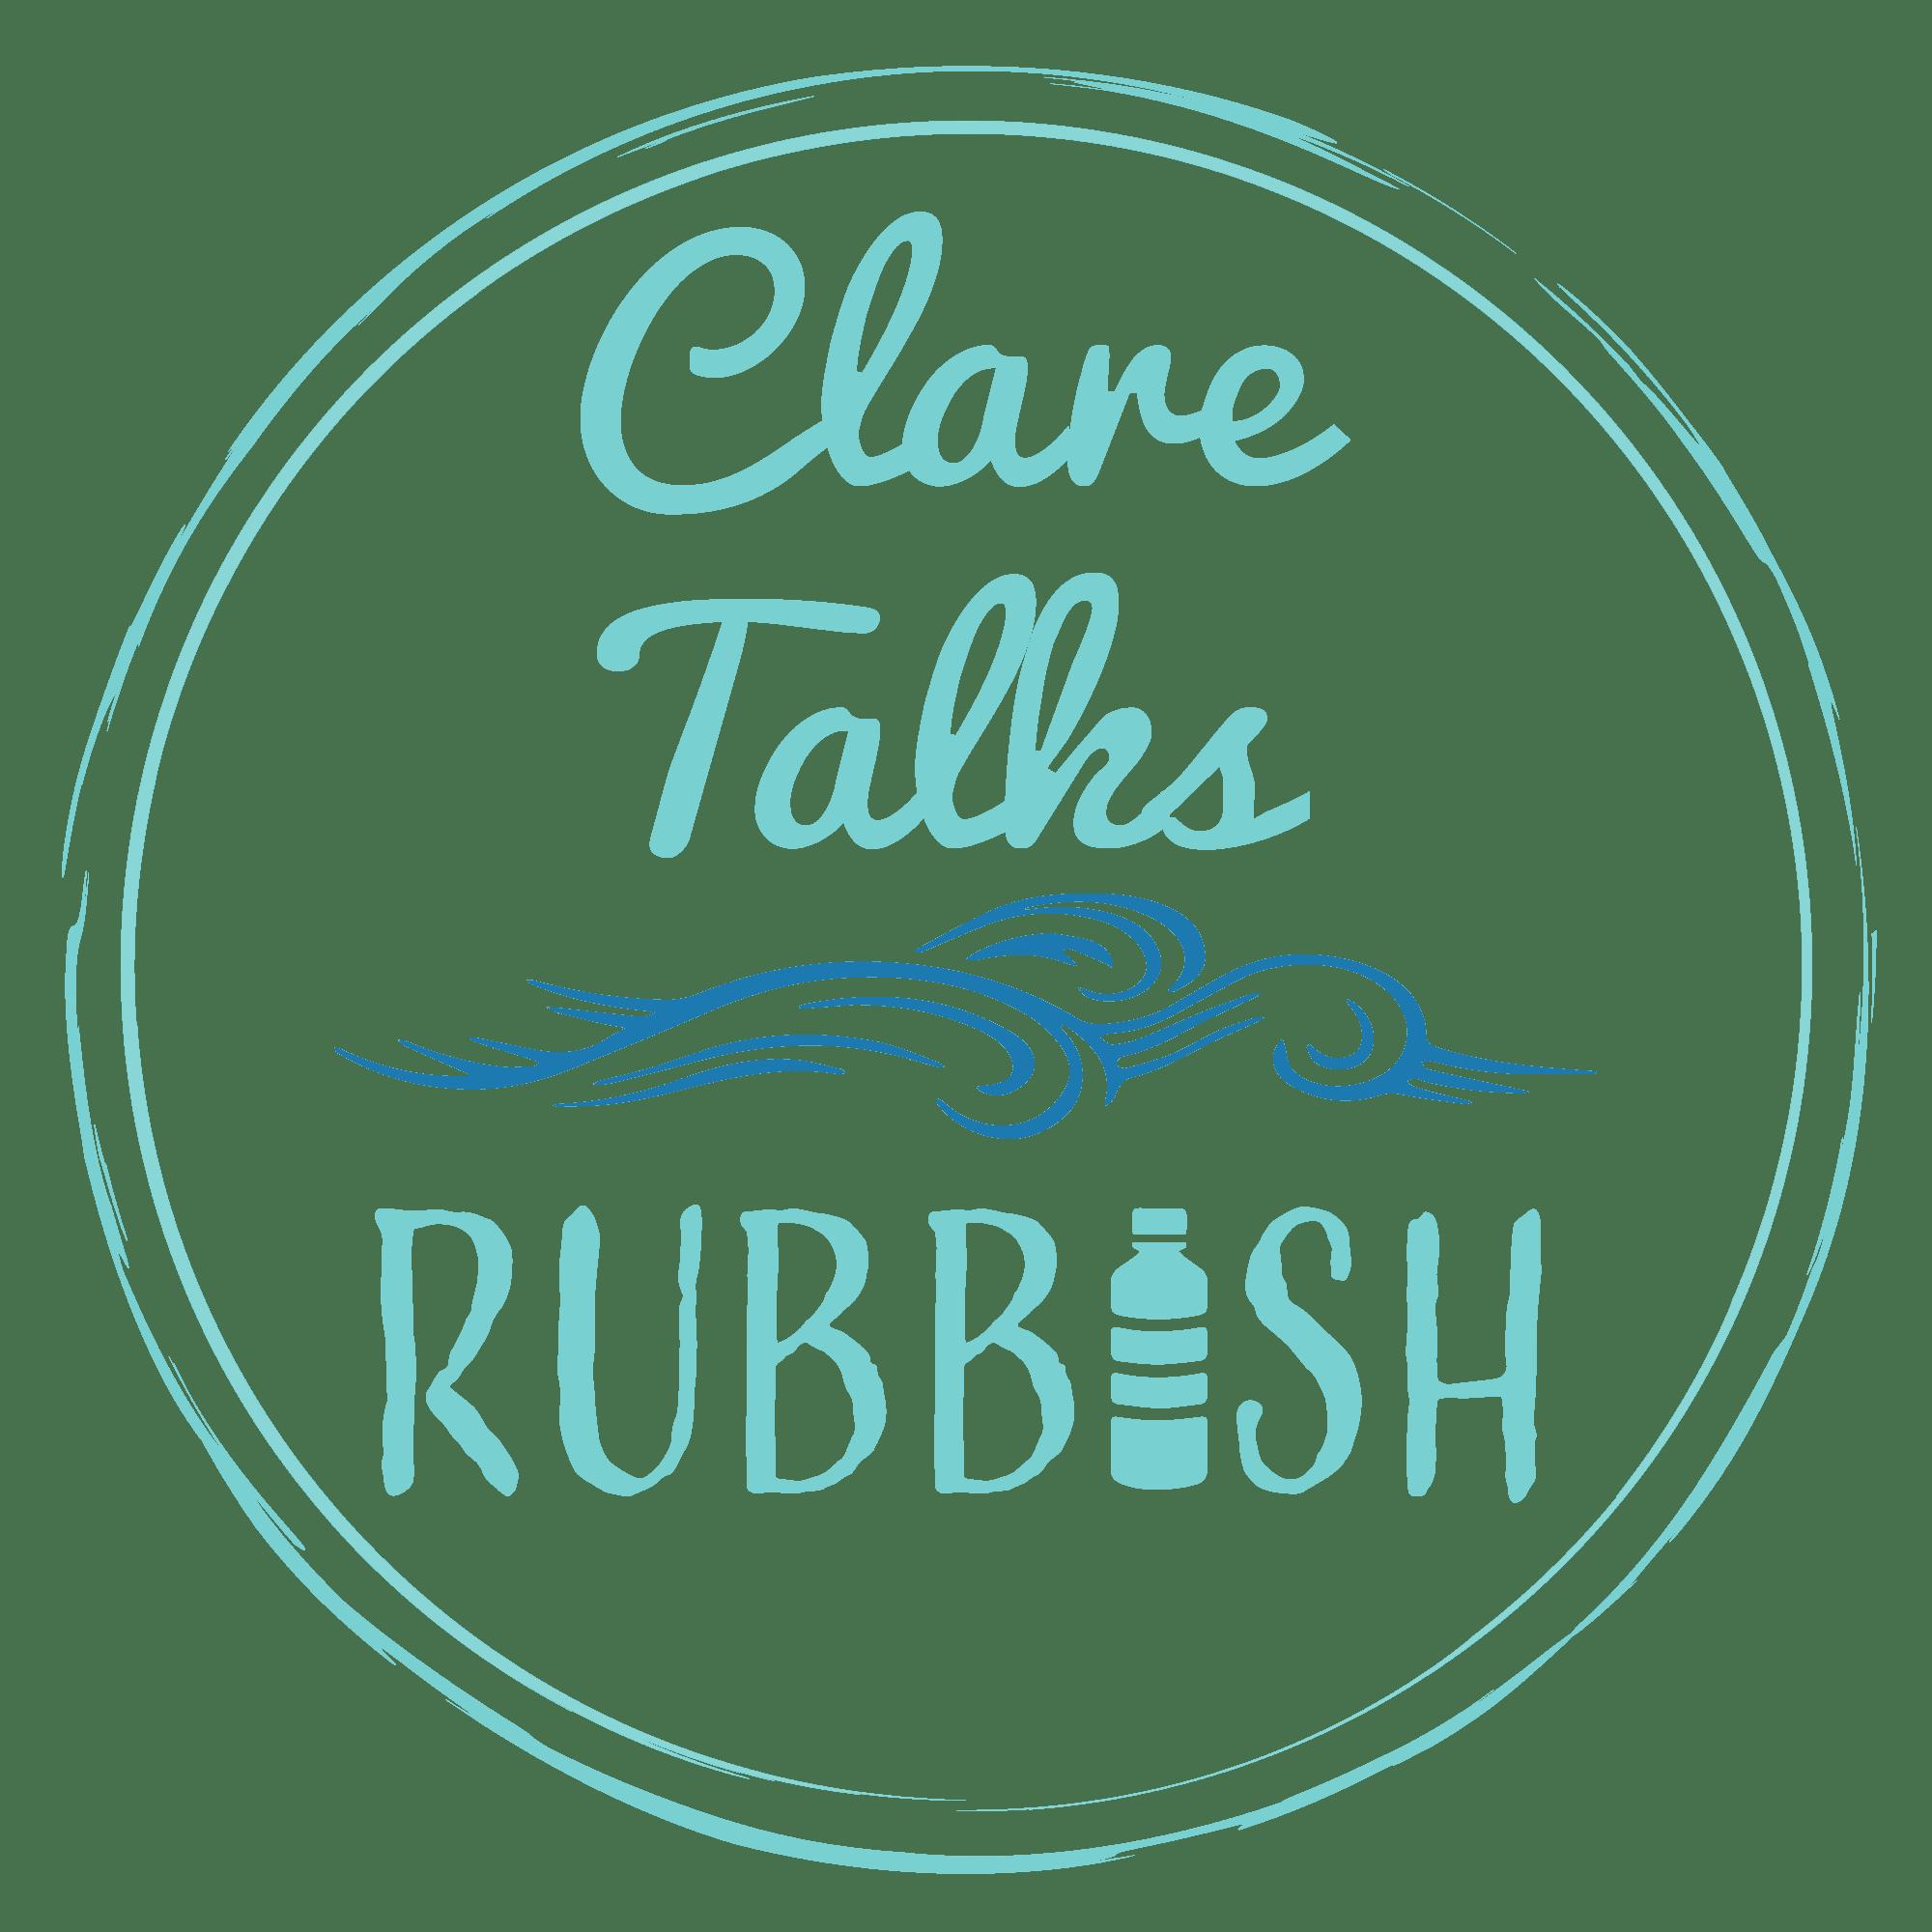 Clare Talks Rubbish